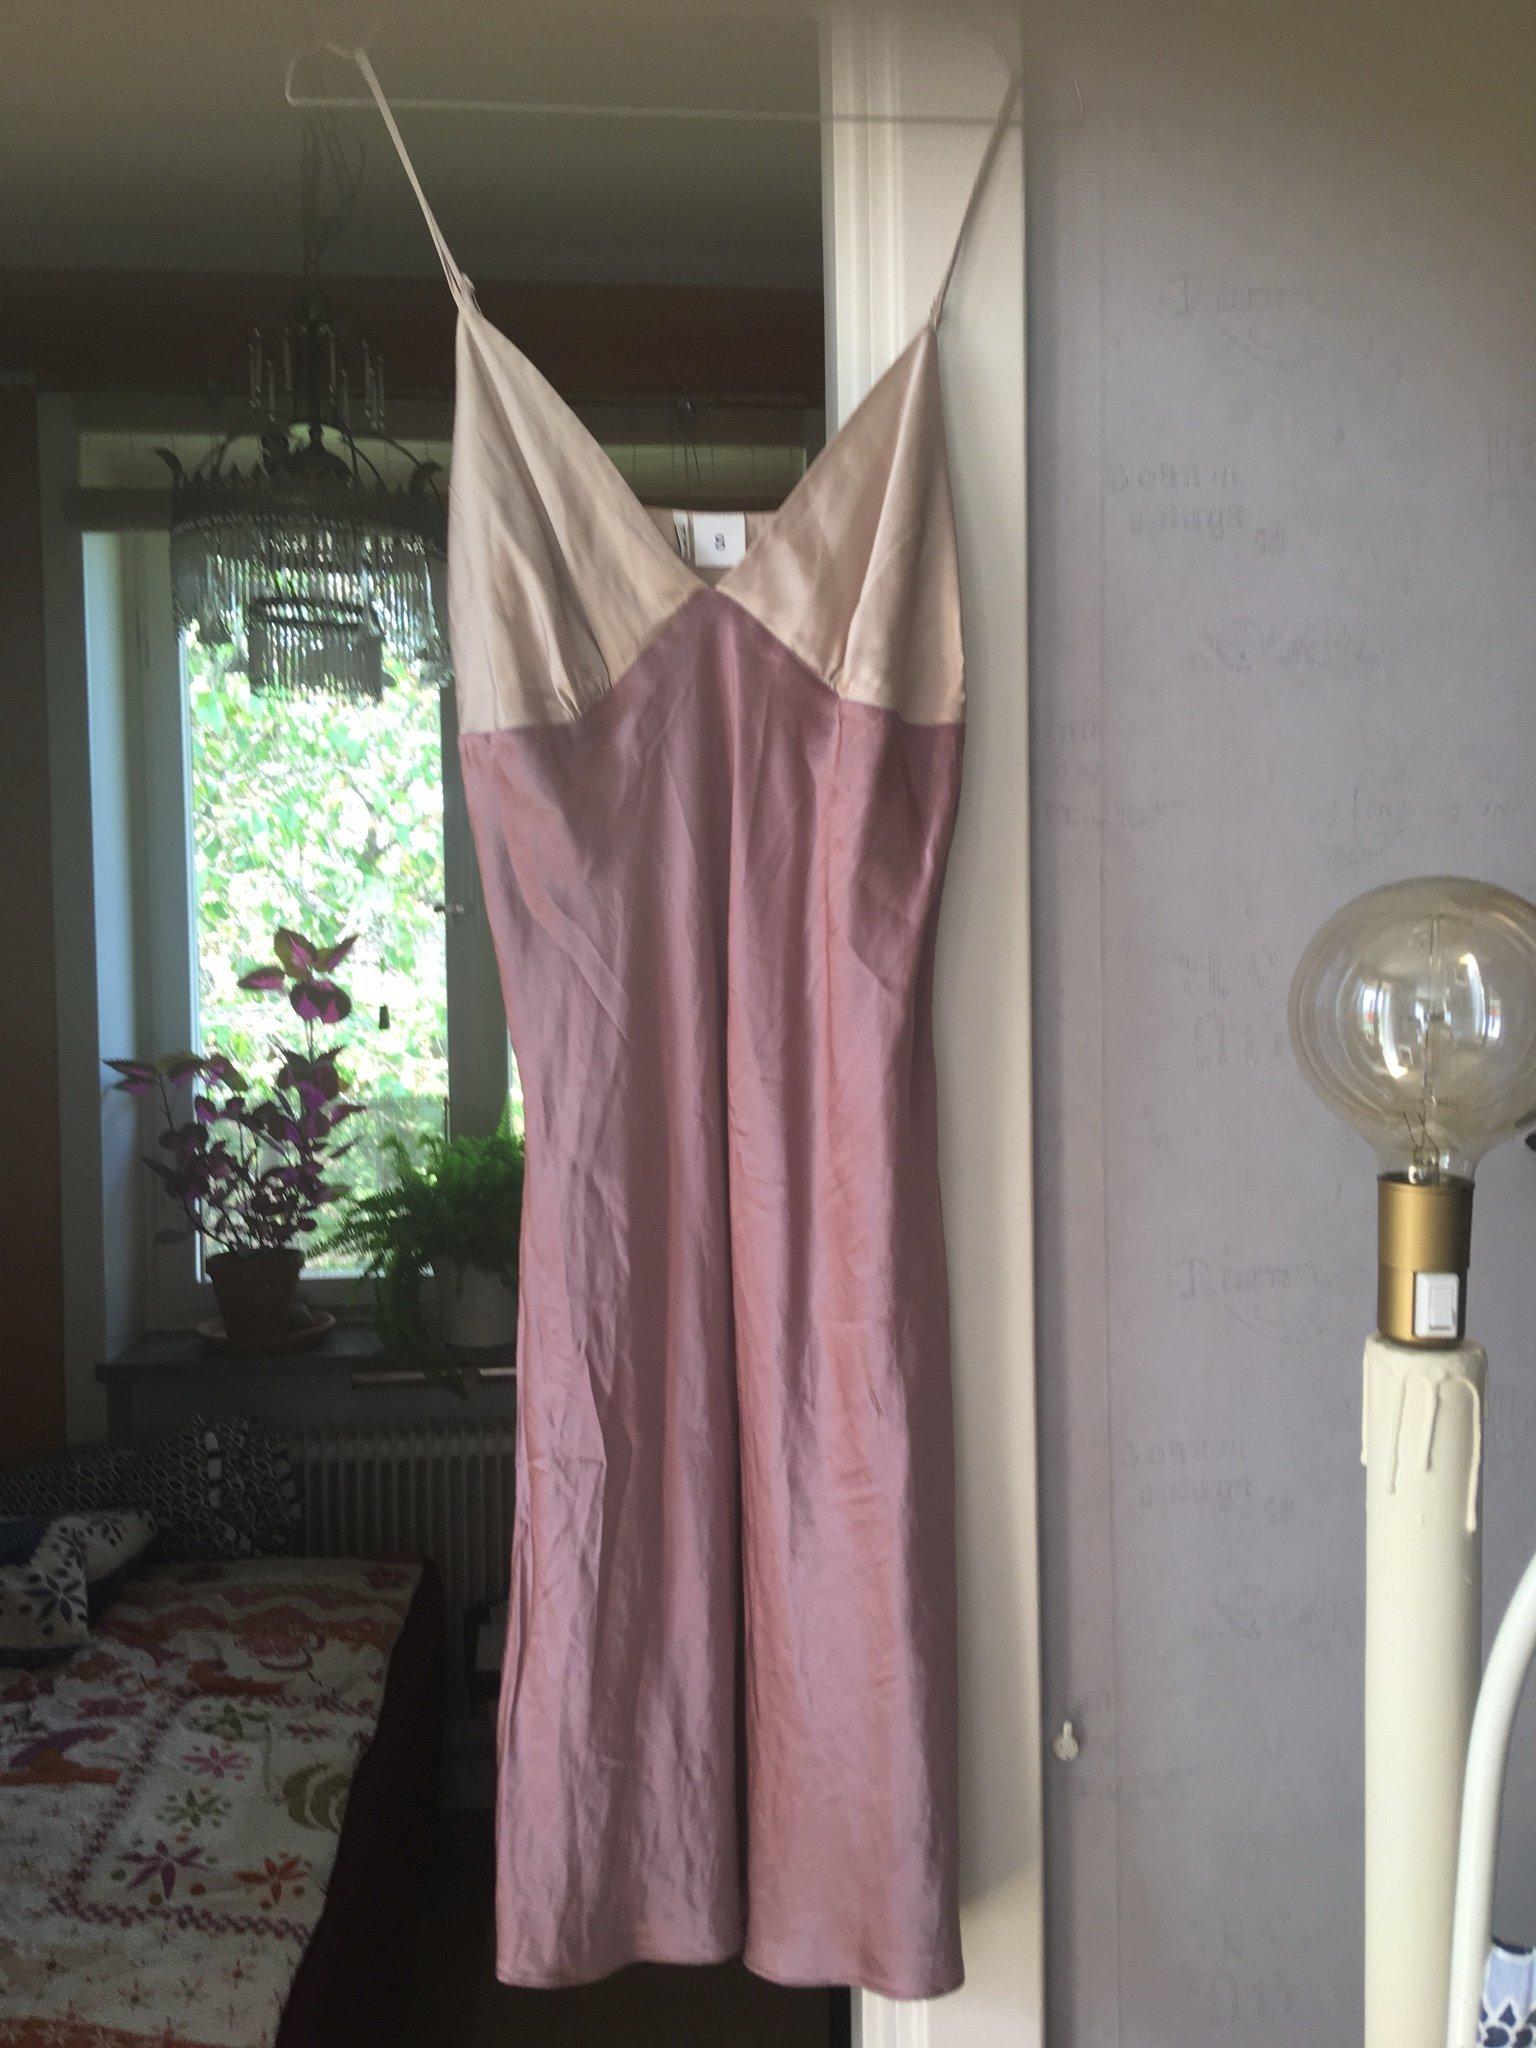 589e4edf49b6 Underklänning Twilfit Silke (353816254) ᐈ Köp på Tradera